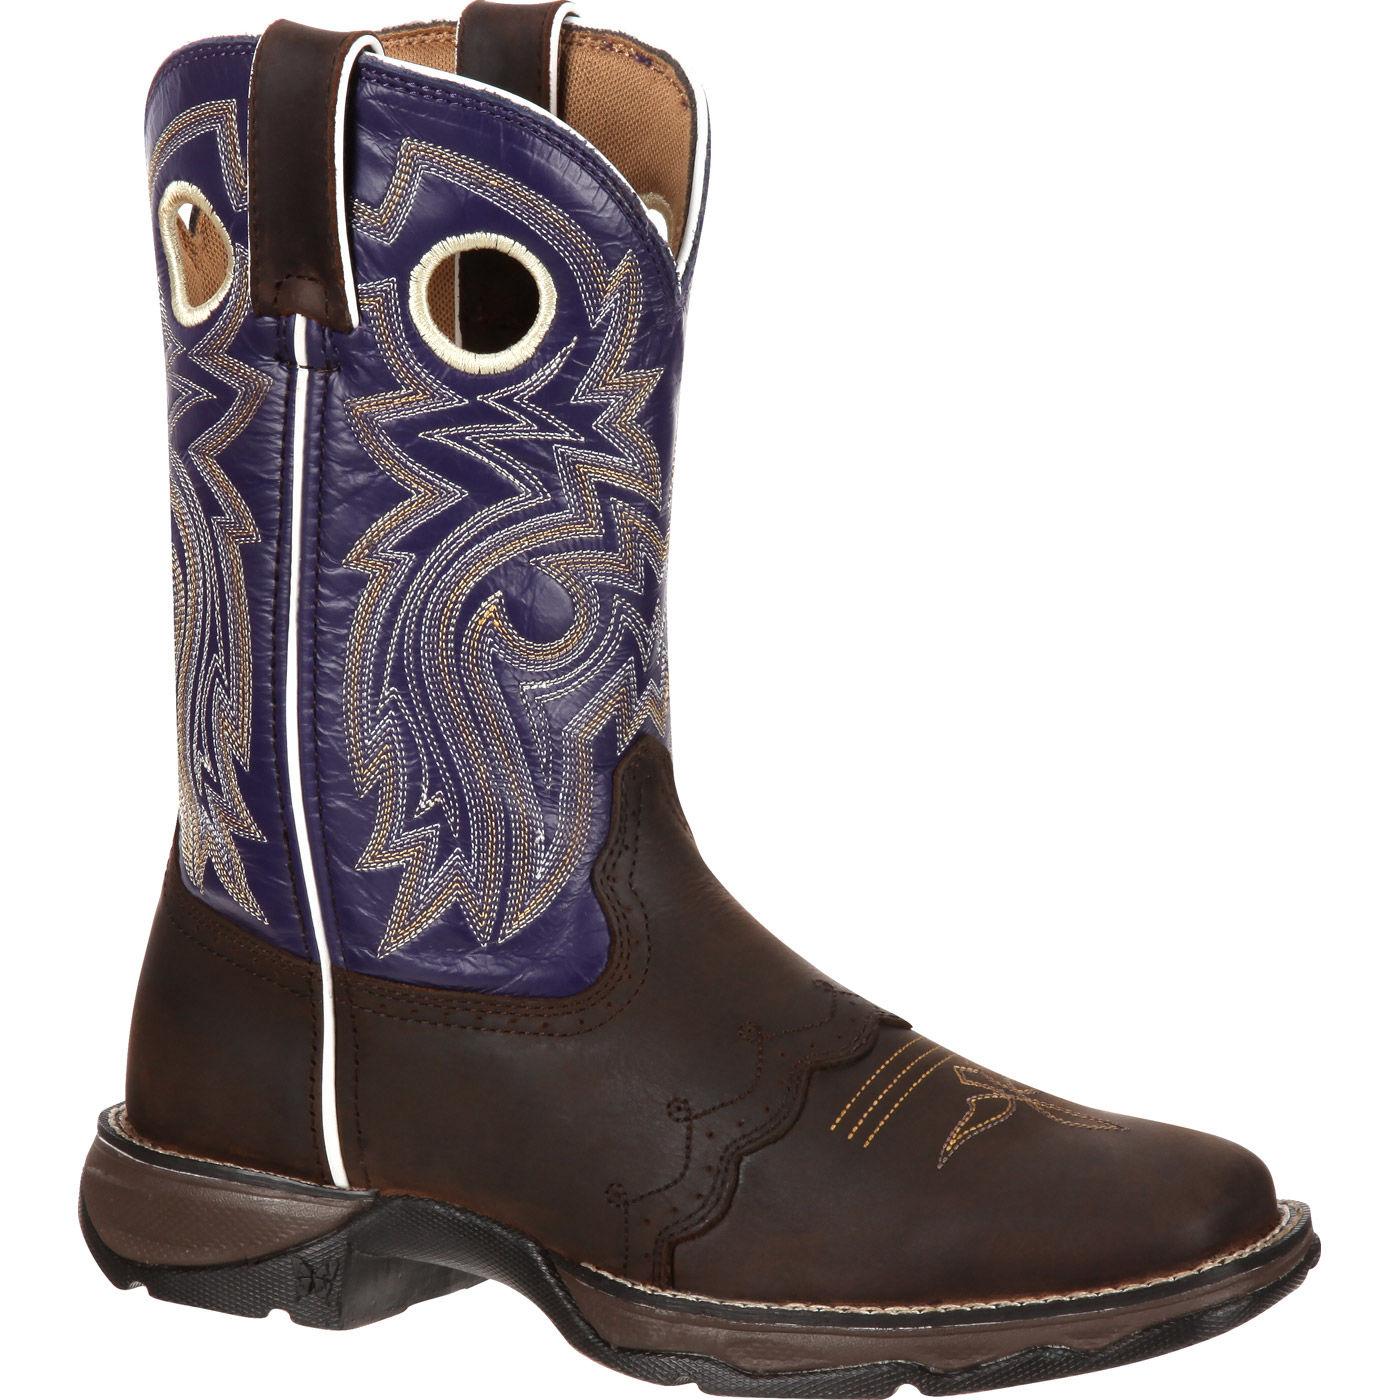 Womens Durango Women's Flirt With Durango 10 Boot Outlet Size 38